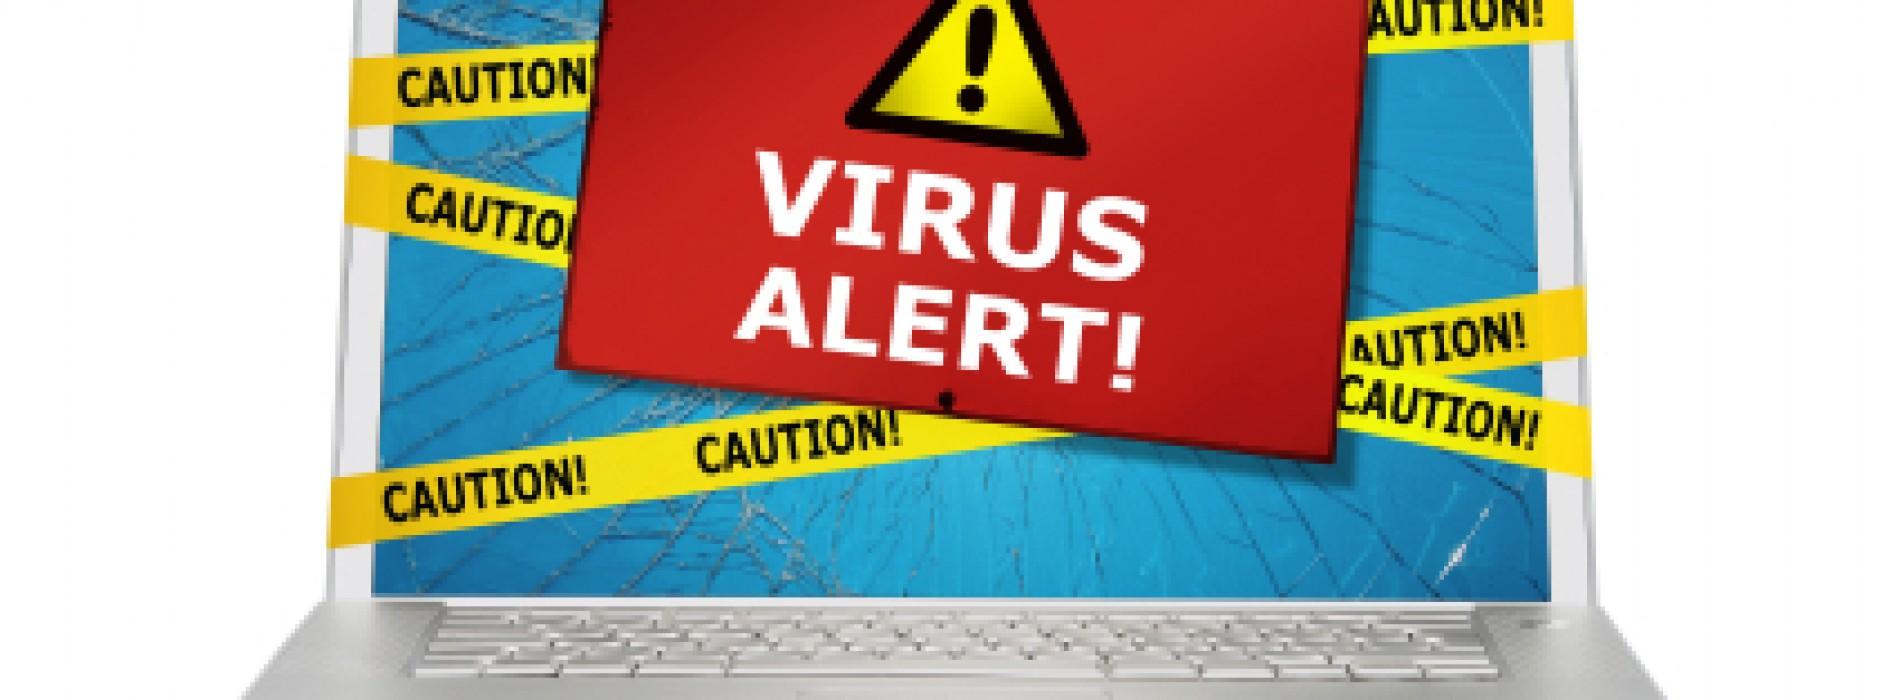 شرح بالصور – كيف تتخلص من فيروس اللي يشغل اغاني بخلفية الجهاز + الاعلانات